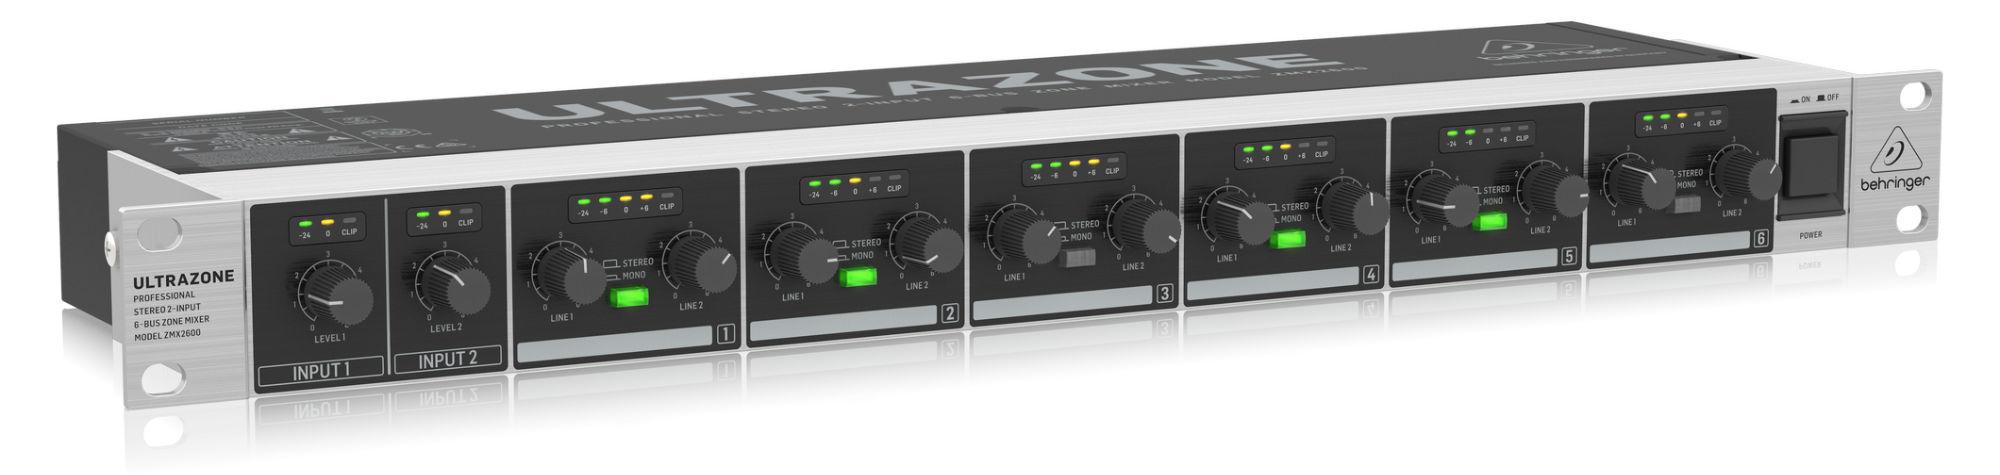 Mischpulte - Behringer ZMX2600 Stereo Zonenmixer - Onlineshop Musikhaus Kirstein